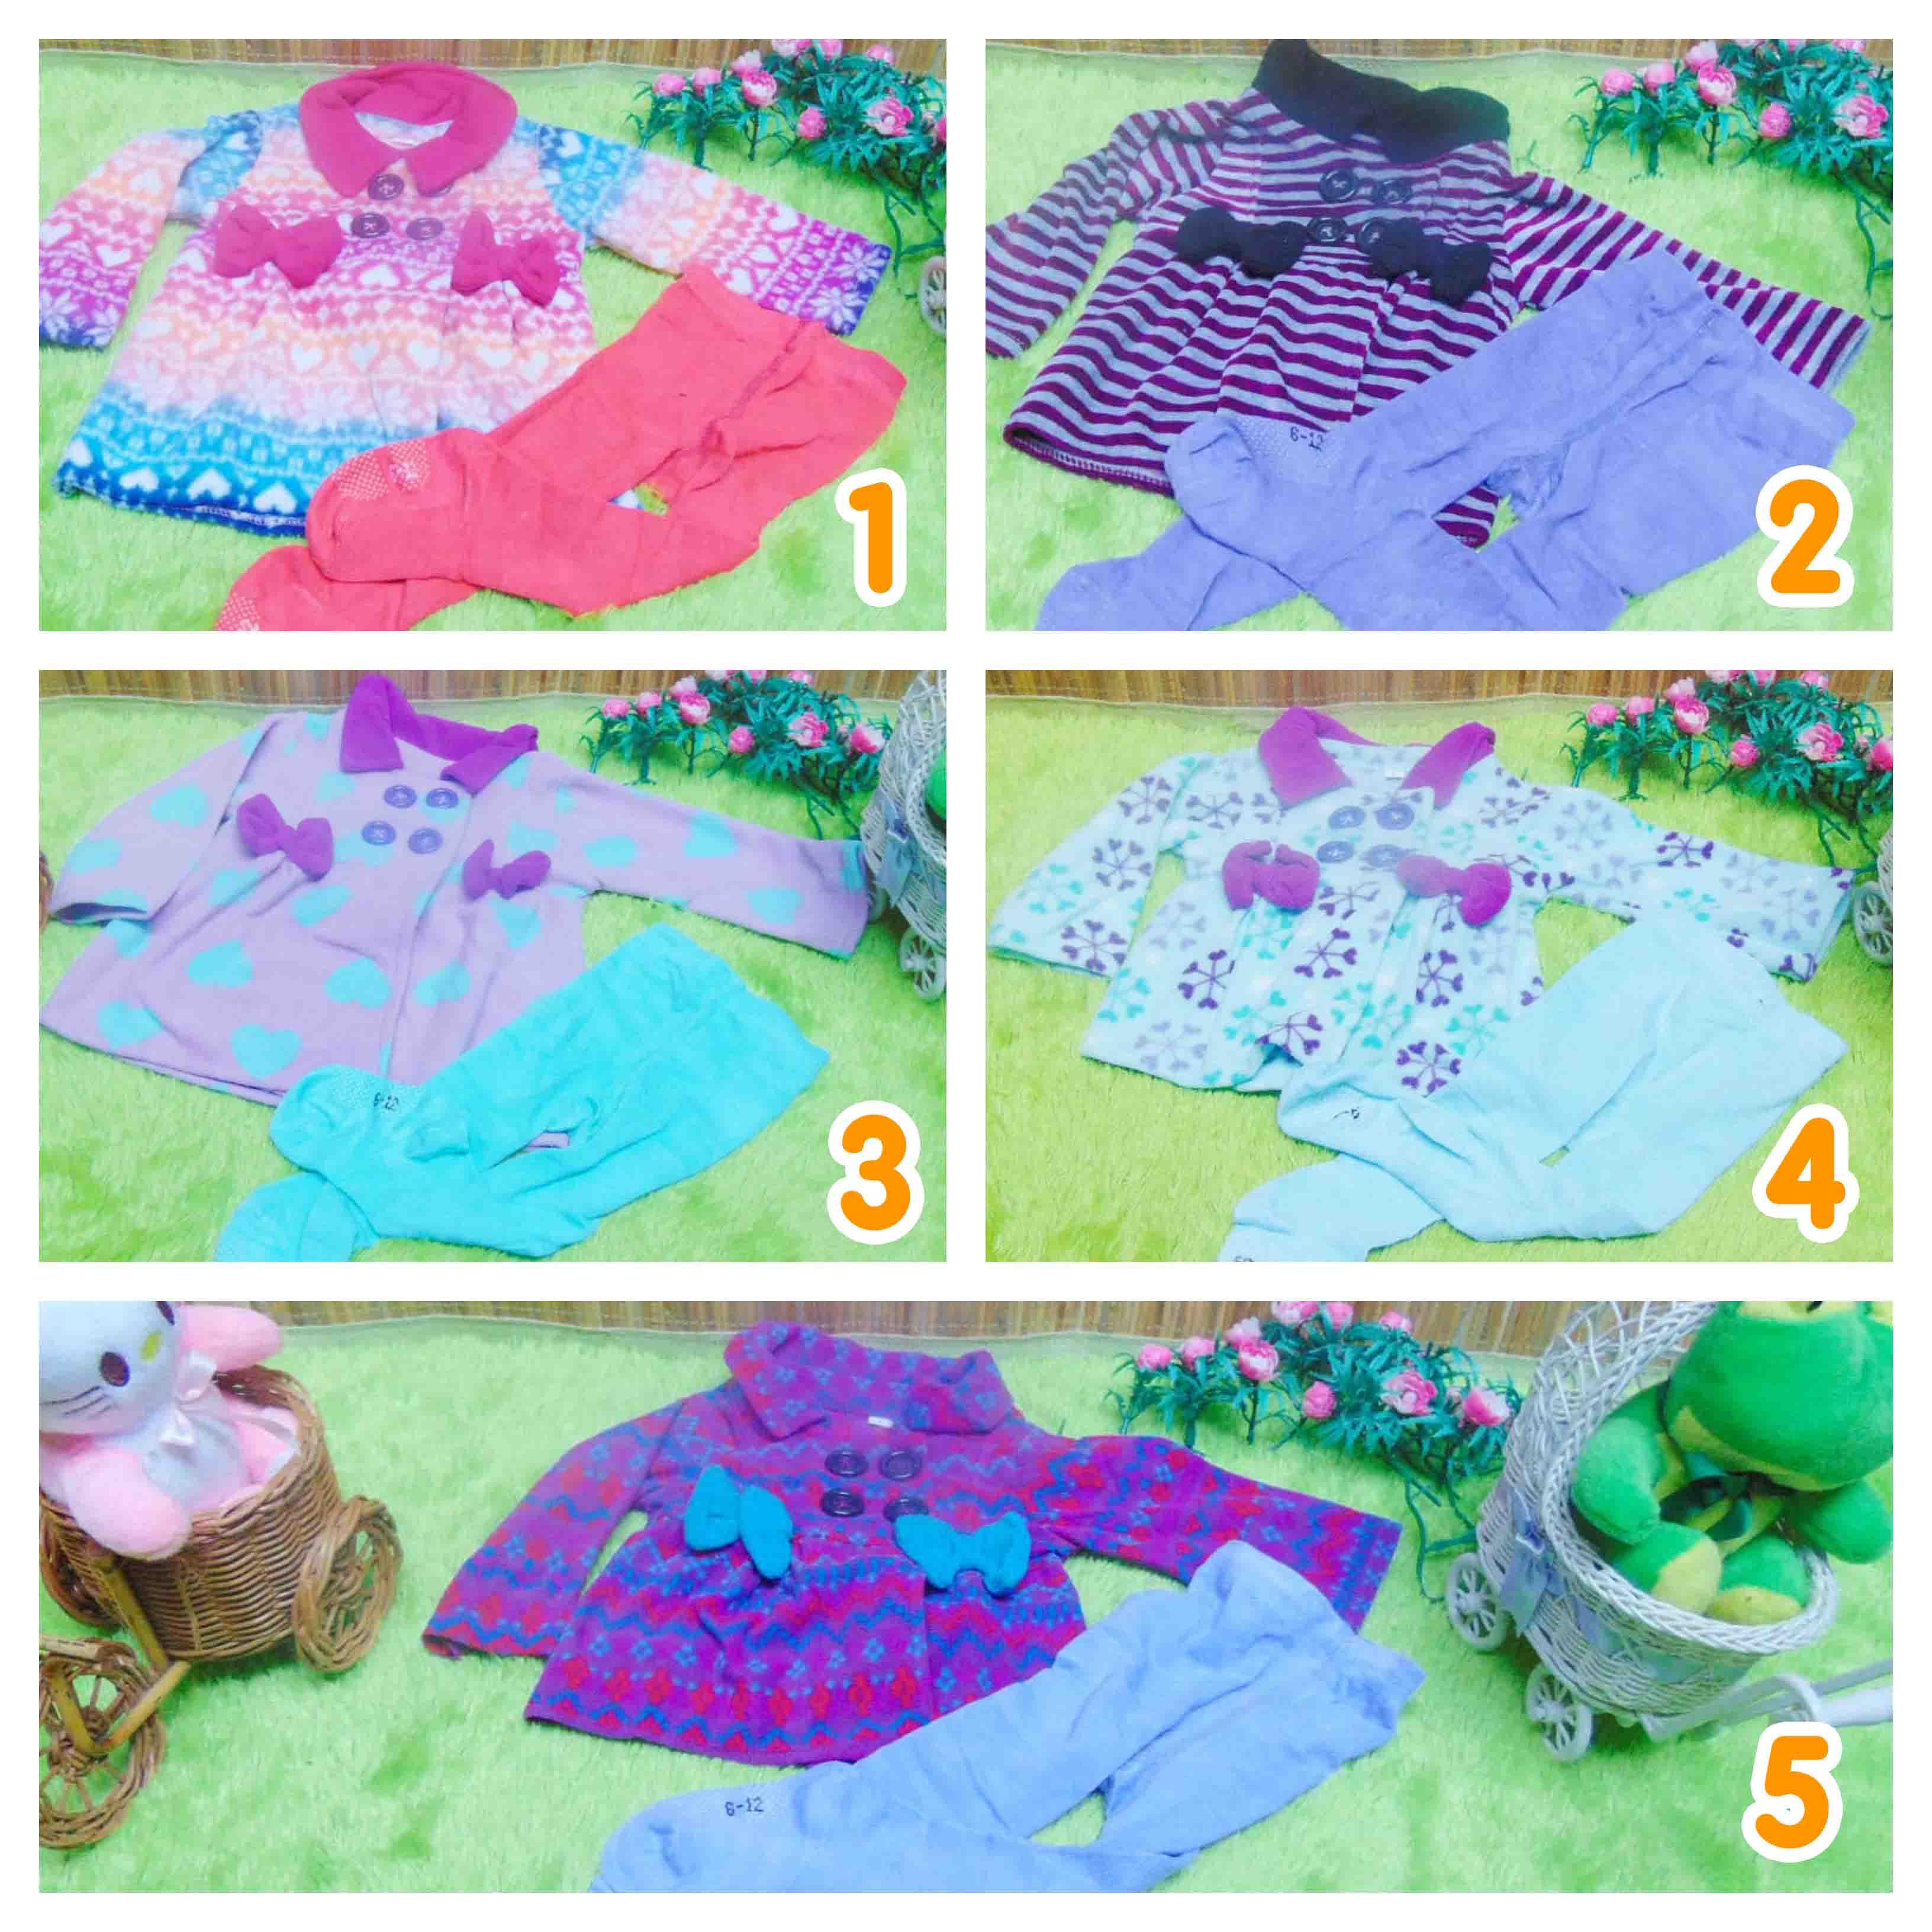 utama Hemat Mantel + Legging Baby Gift Set Kado Bayi 0-12 bulan (1)